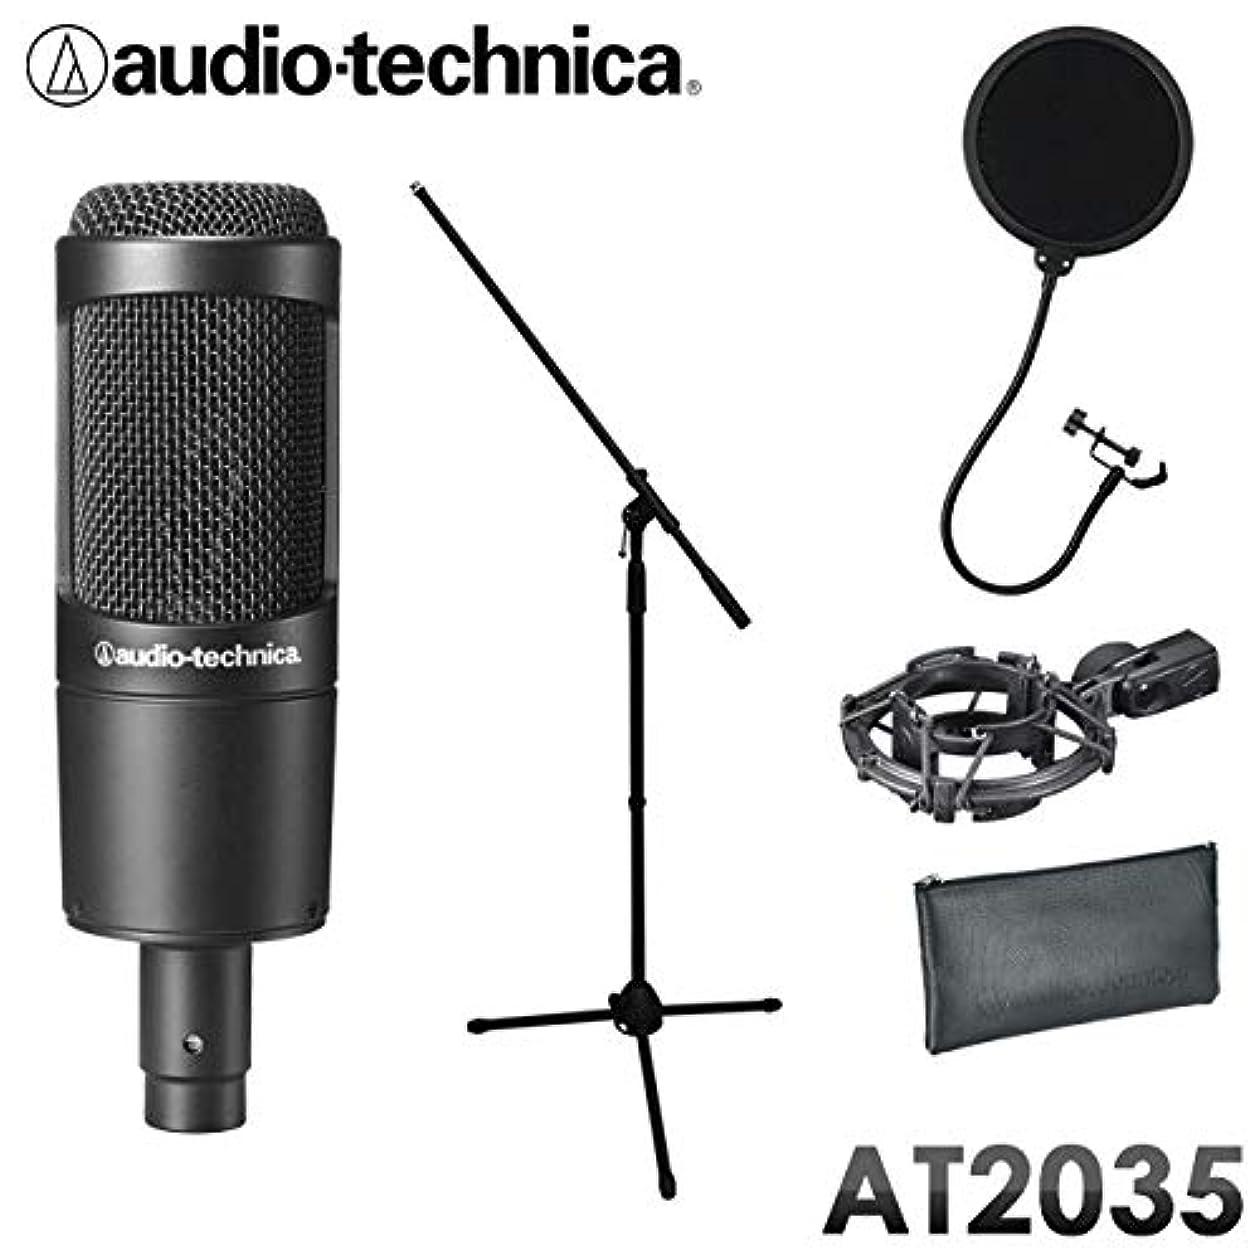 不名誉な制限ヒップaudio-technica AT-2035 コンデンサーマイク (ポップガード?マイクスタンド付き) 録音セット